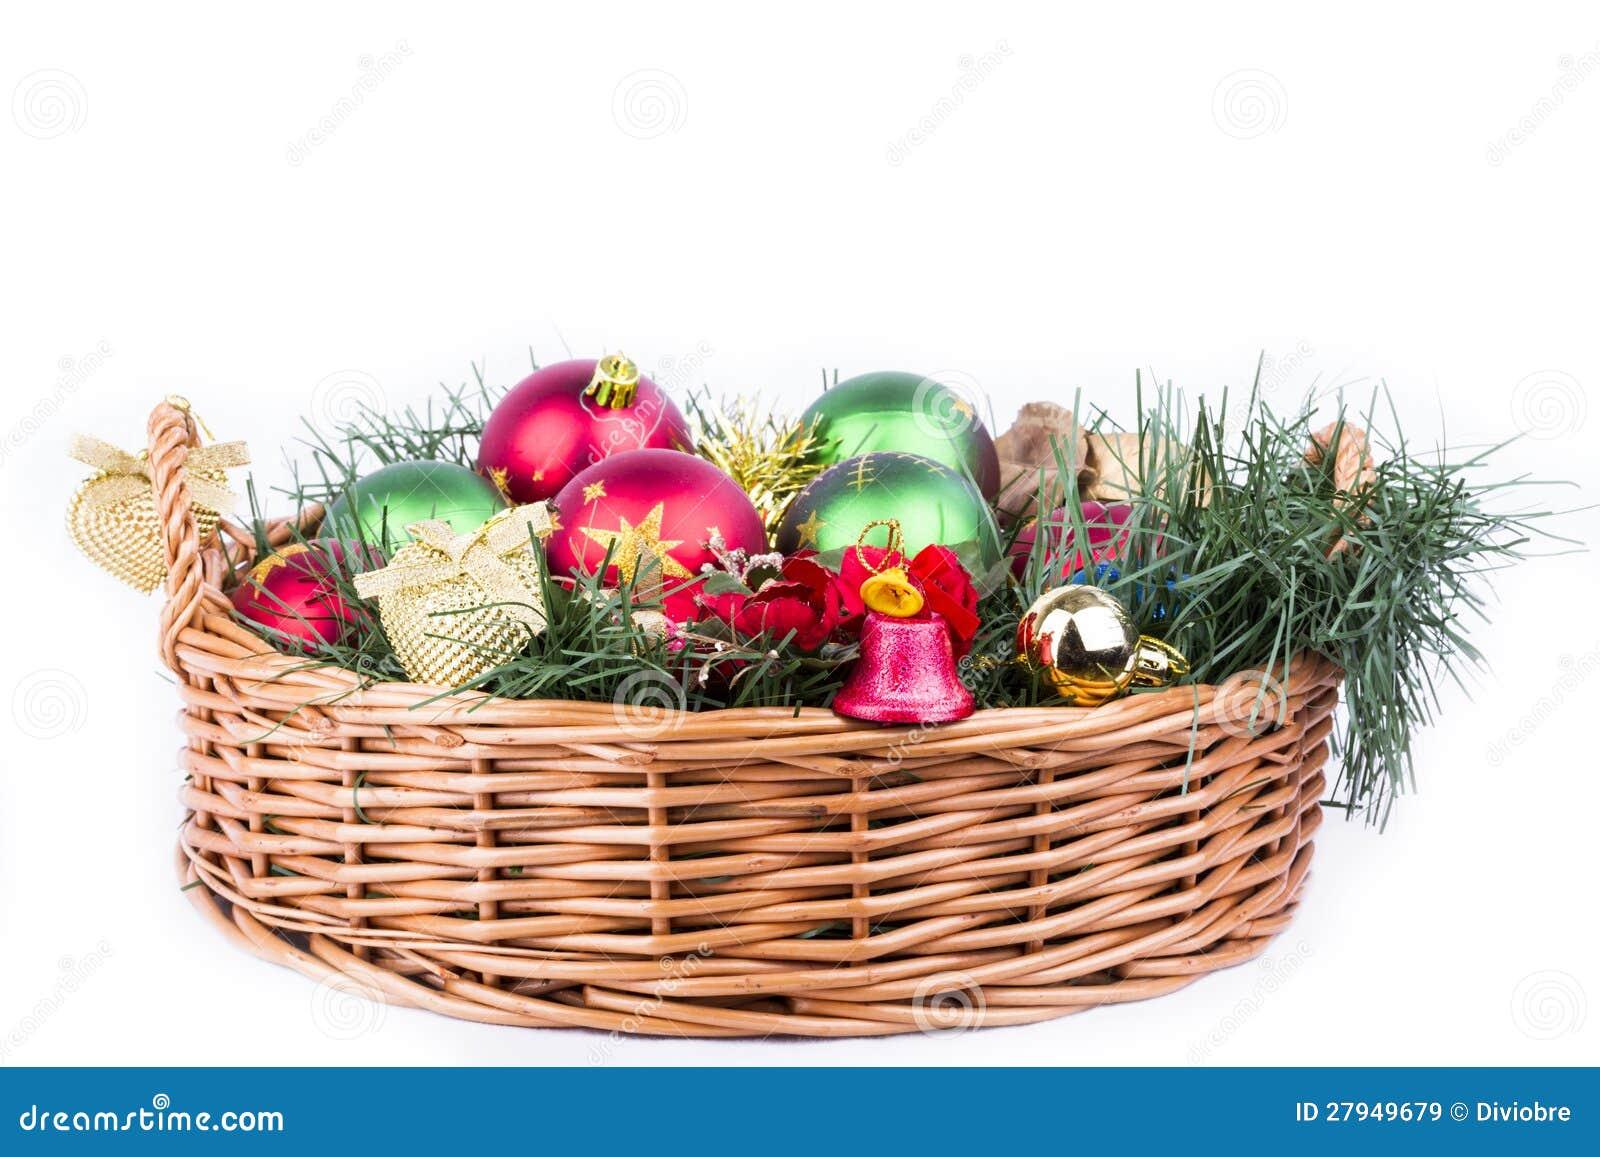 Cesta Do Natal Decorada Imagens de Stock Royalty Free  Imagem